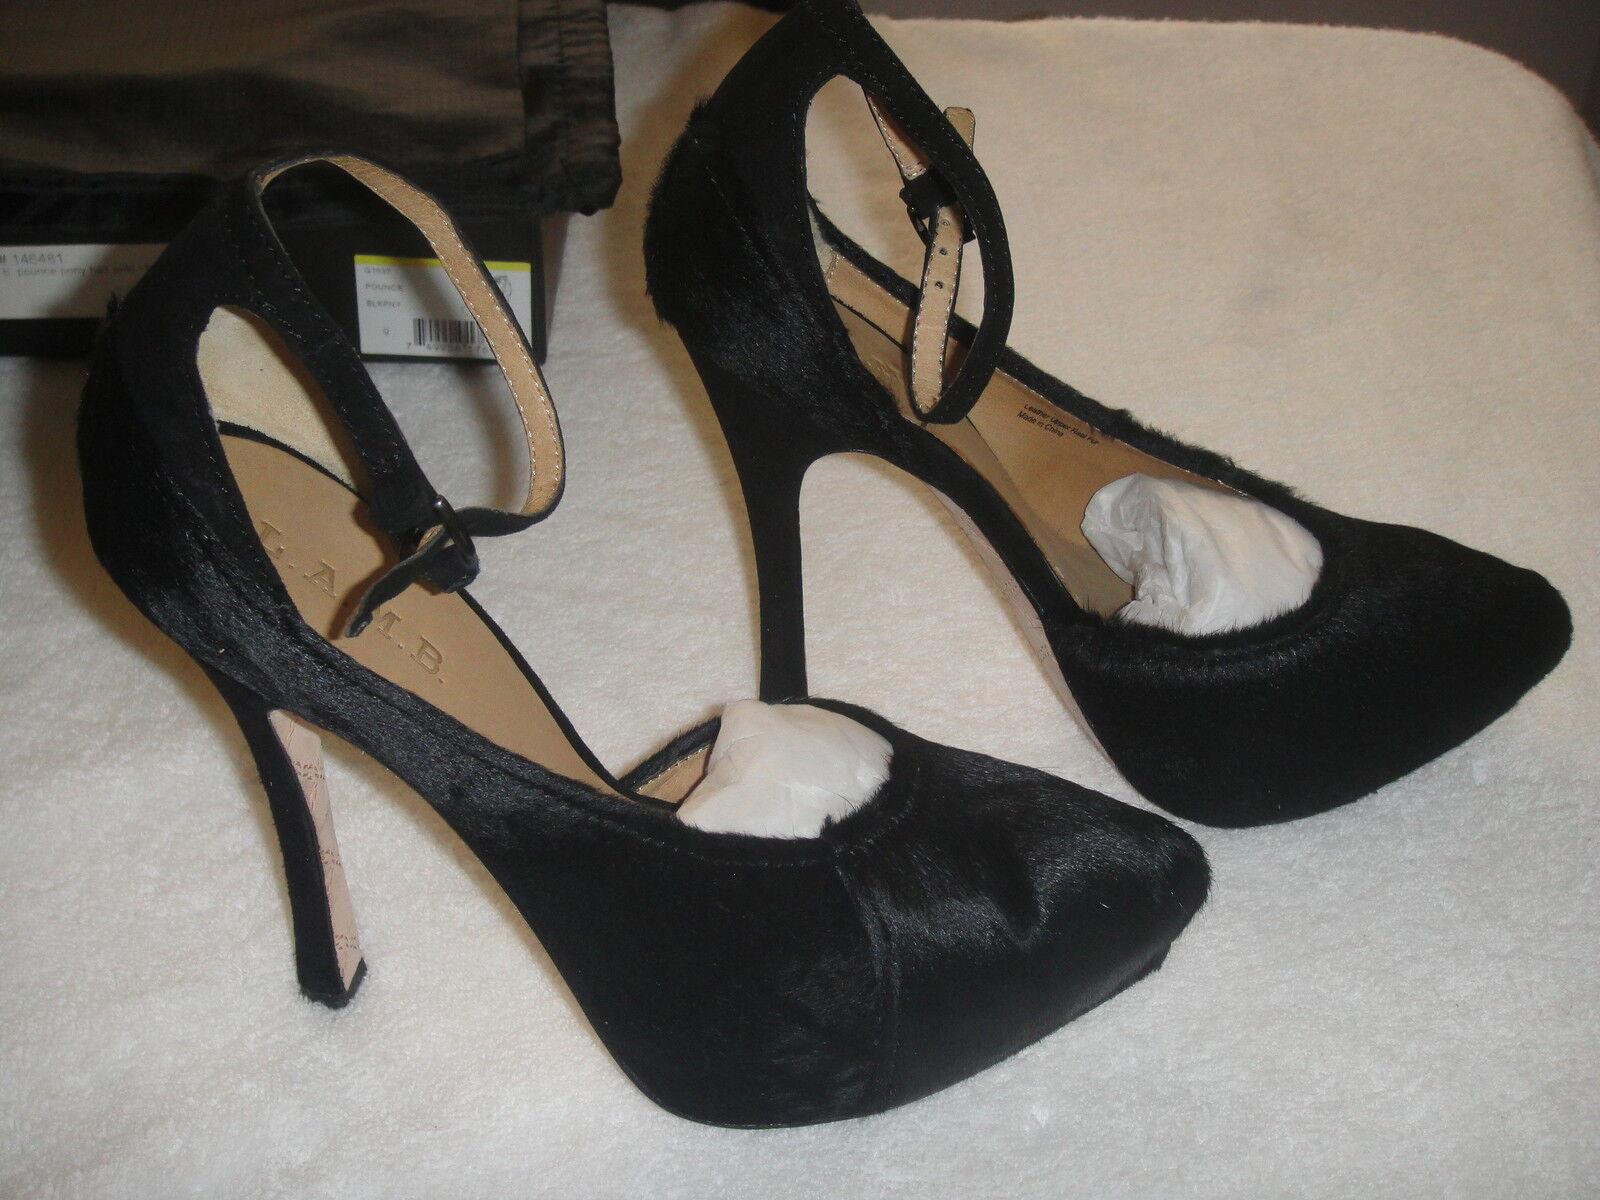 prezzo basso Gwen Stefani Stefani Stefani L.A.M.B Pounce Pony Hair nero Suede Platform Pump scarpe Heel 9  350  risparmia fino al 70%